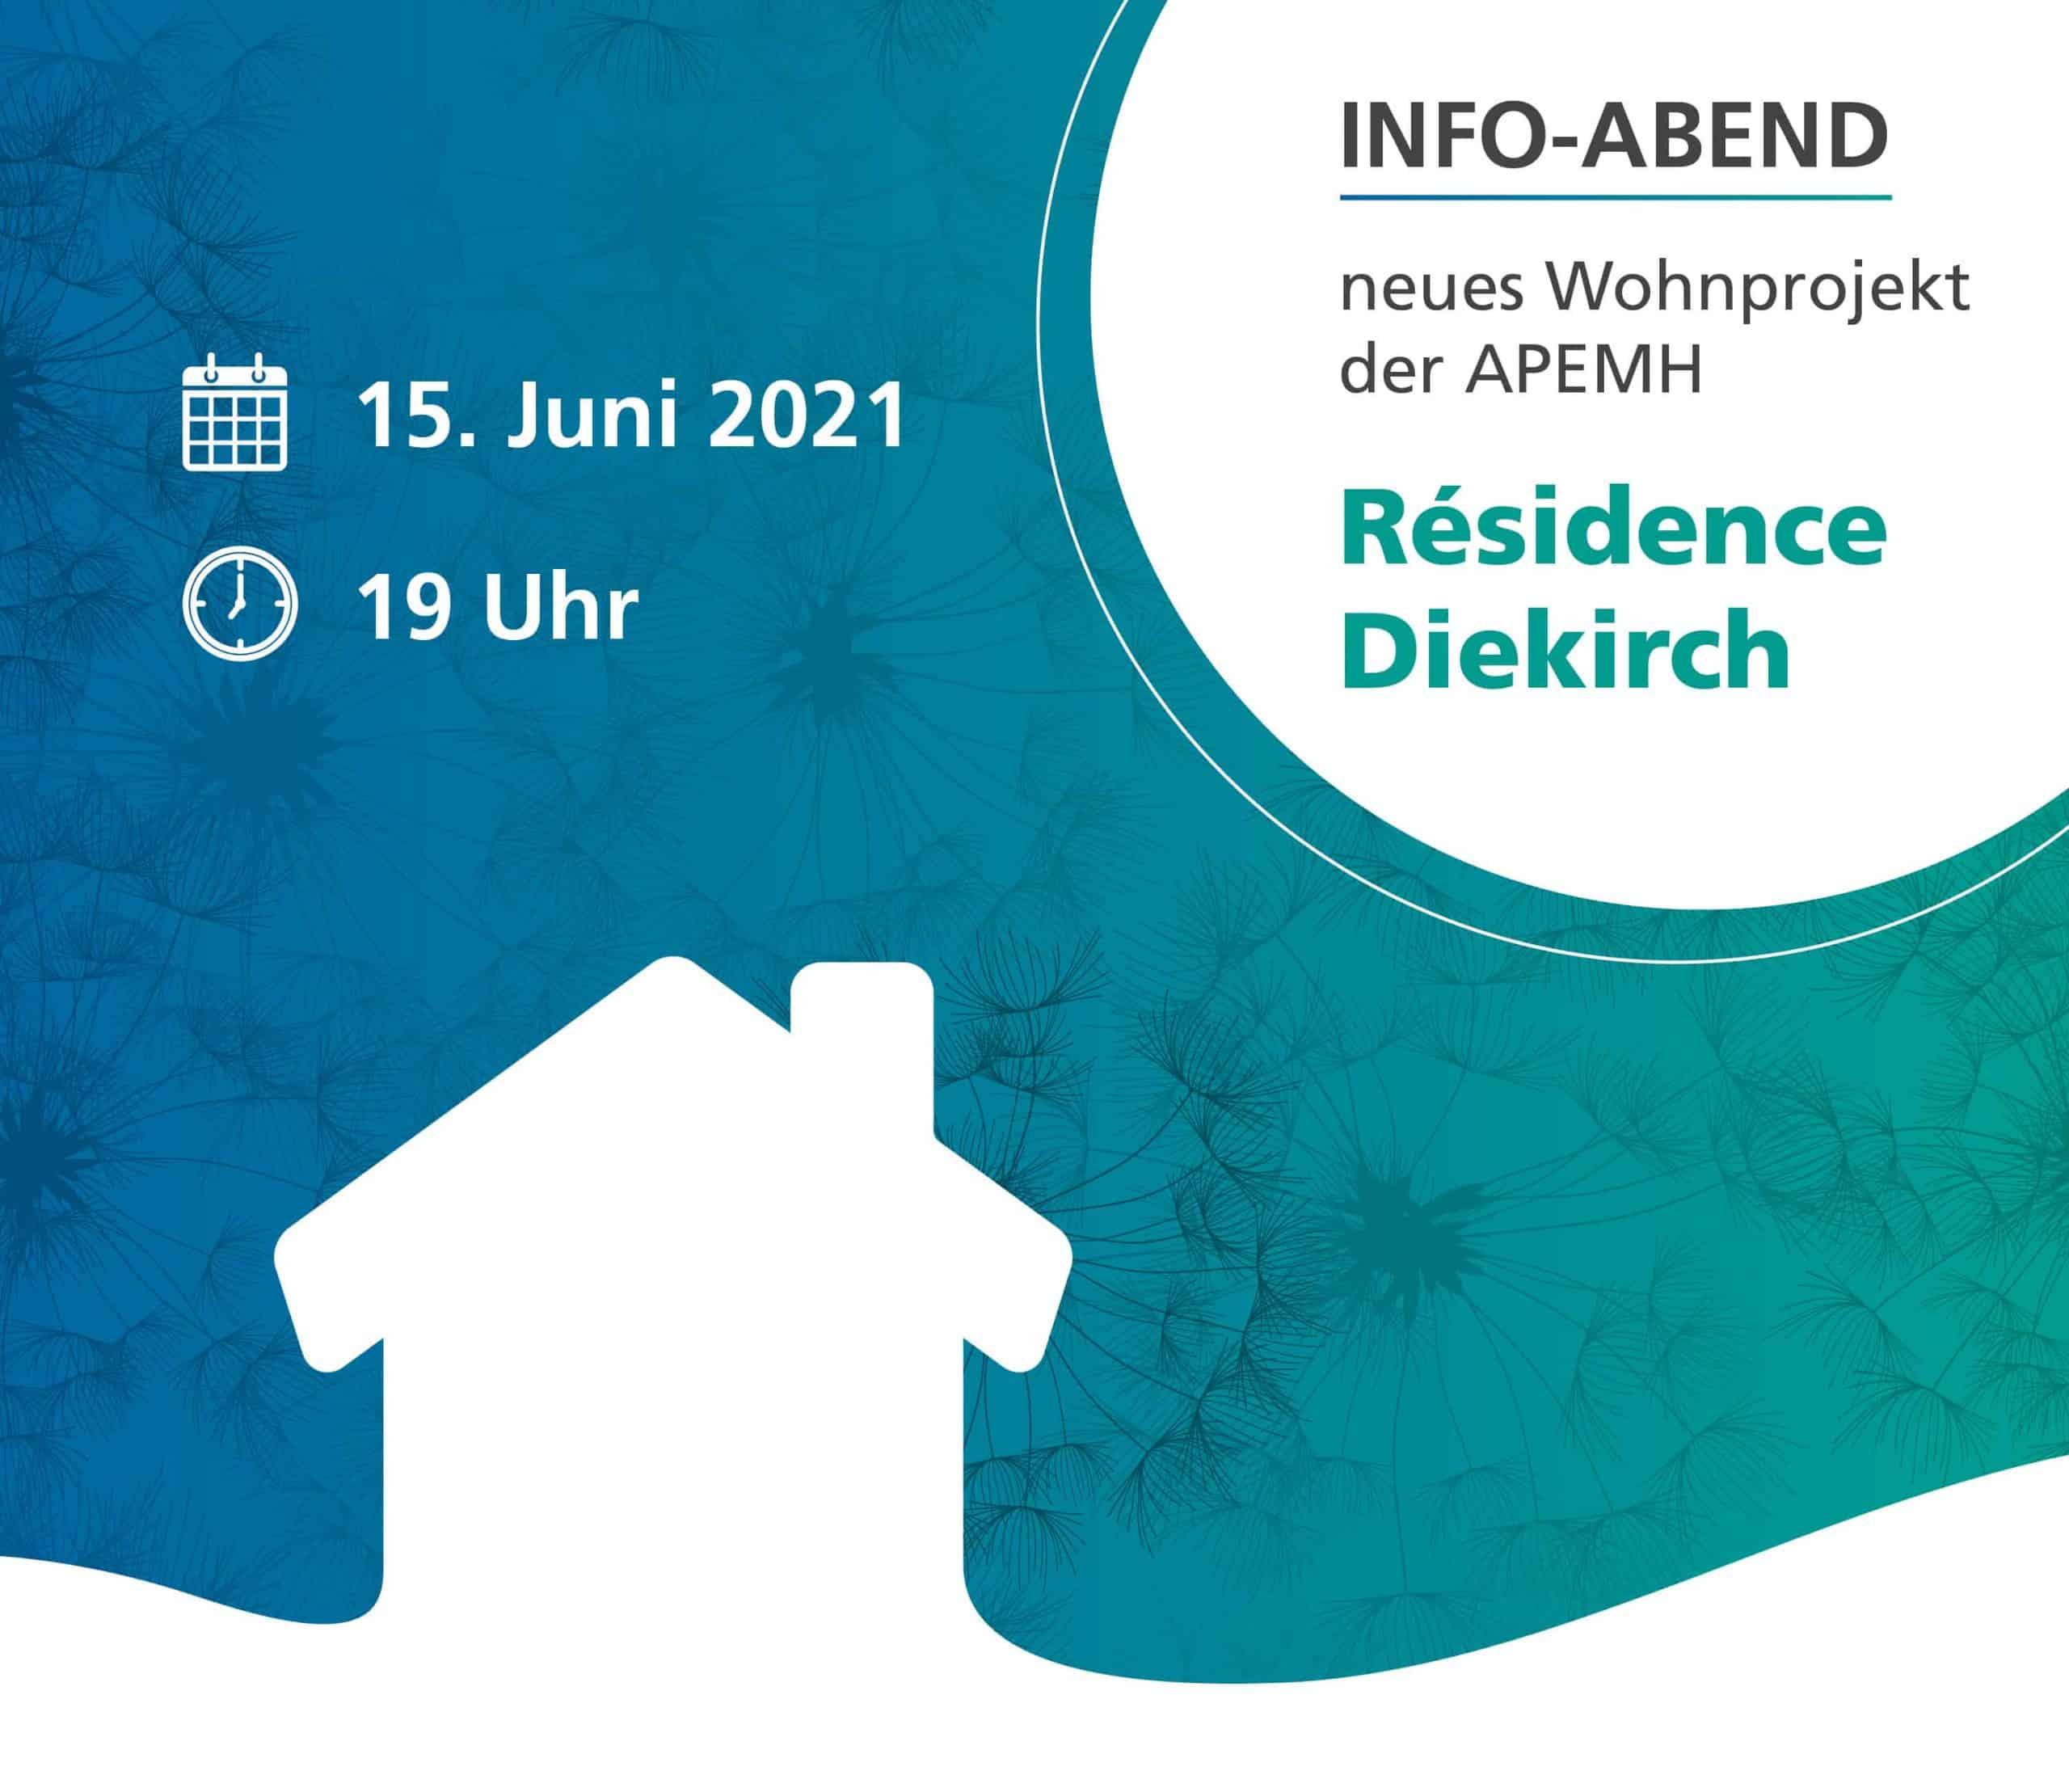 Residence Diekirch image site